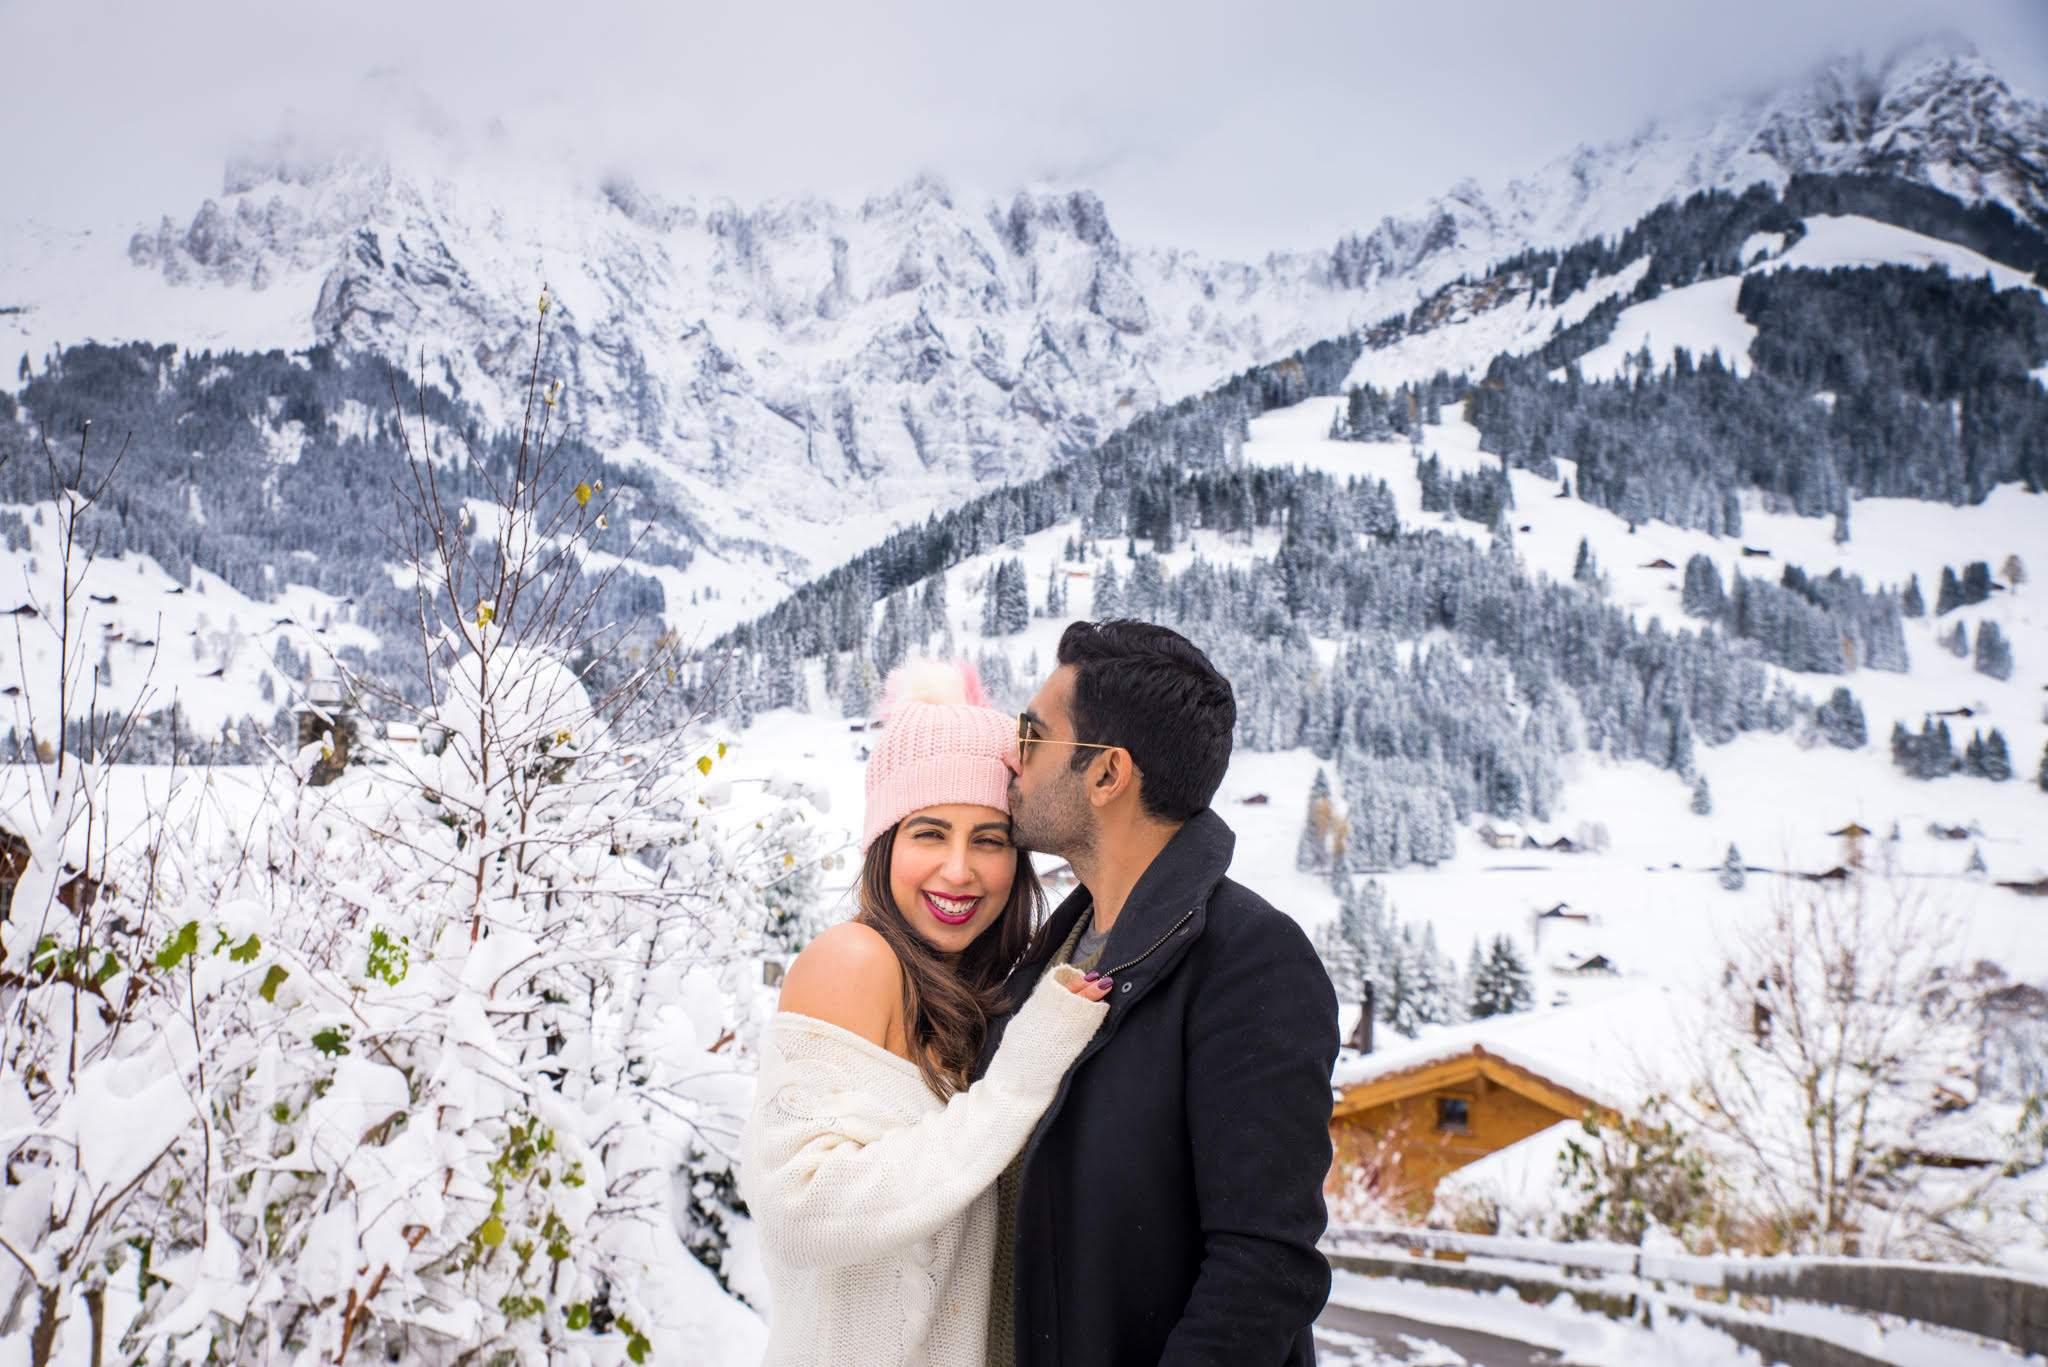 Savi and Vid in Switzerland